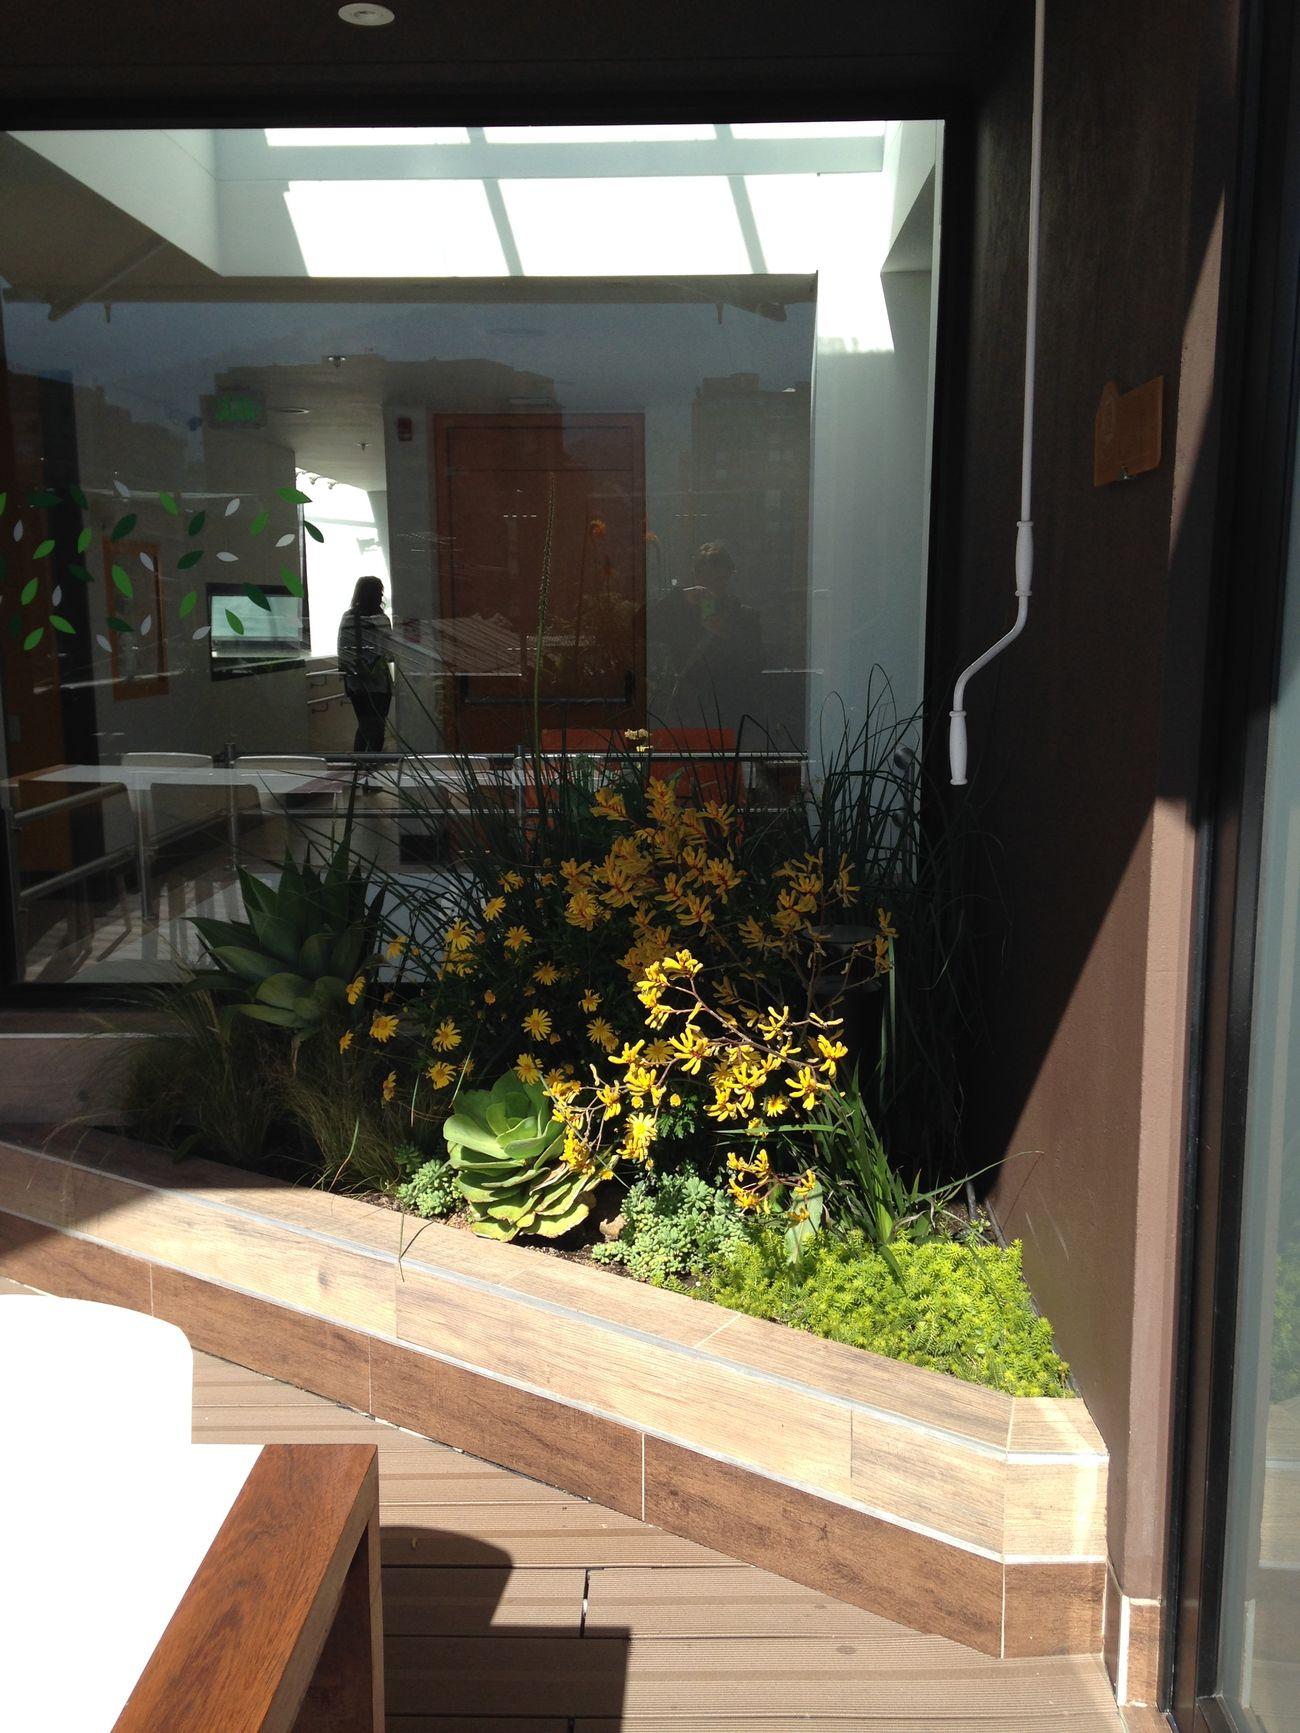 Paisajismo jardines exteriores dmonique paisajismo - Paisajismo jardines exteriores ...